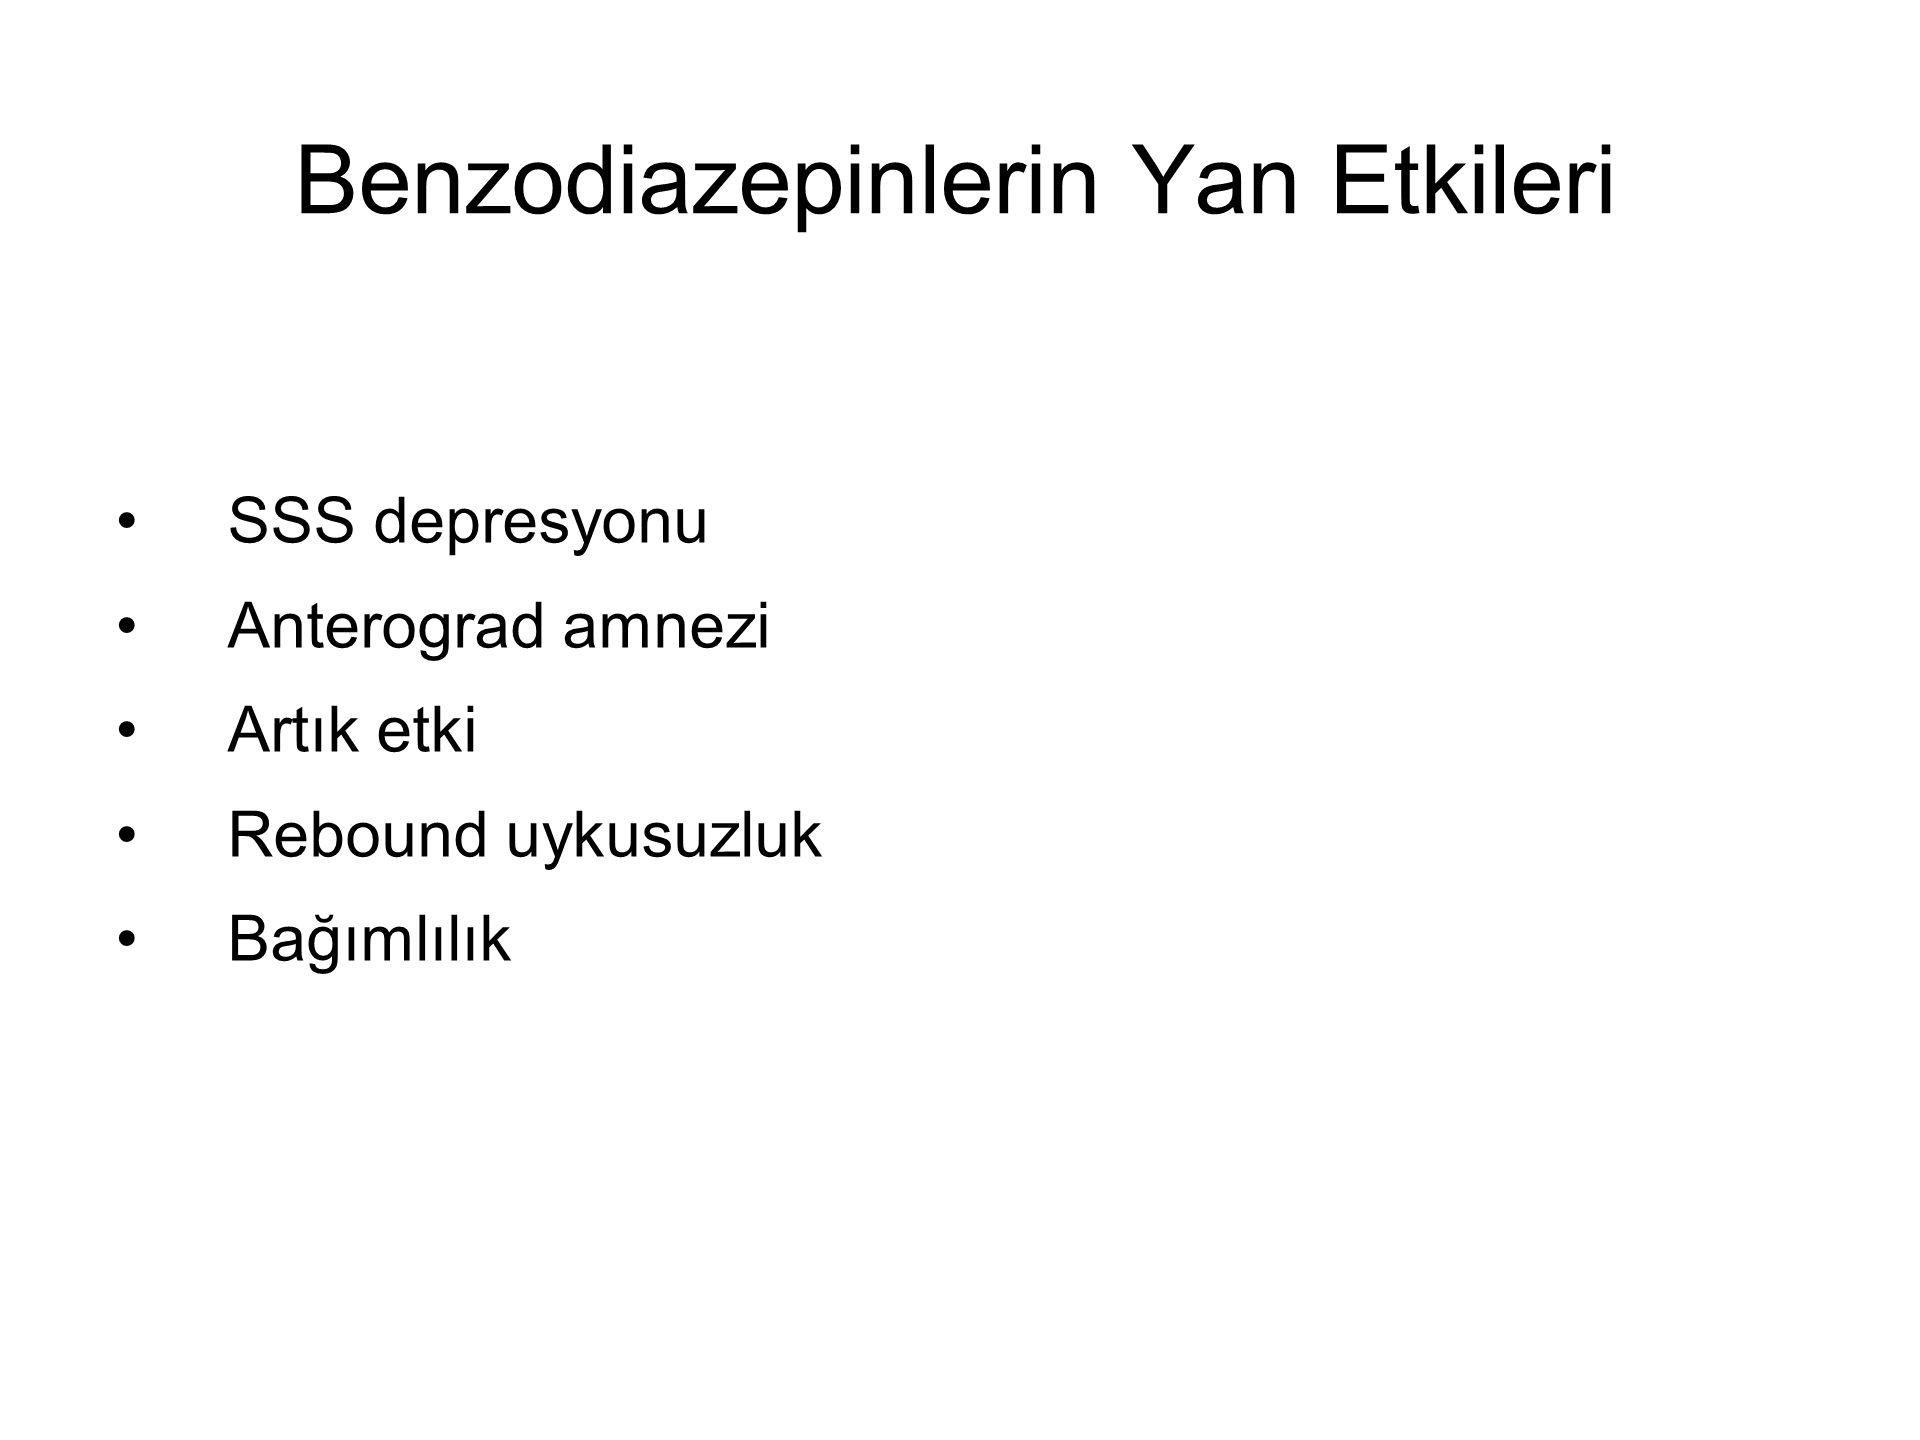 Benzodiazepinlerin Yan Etkileri